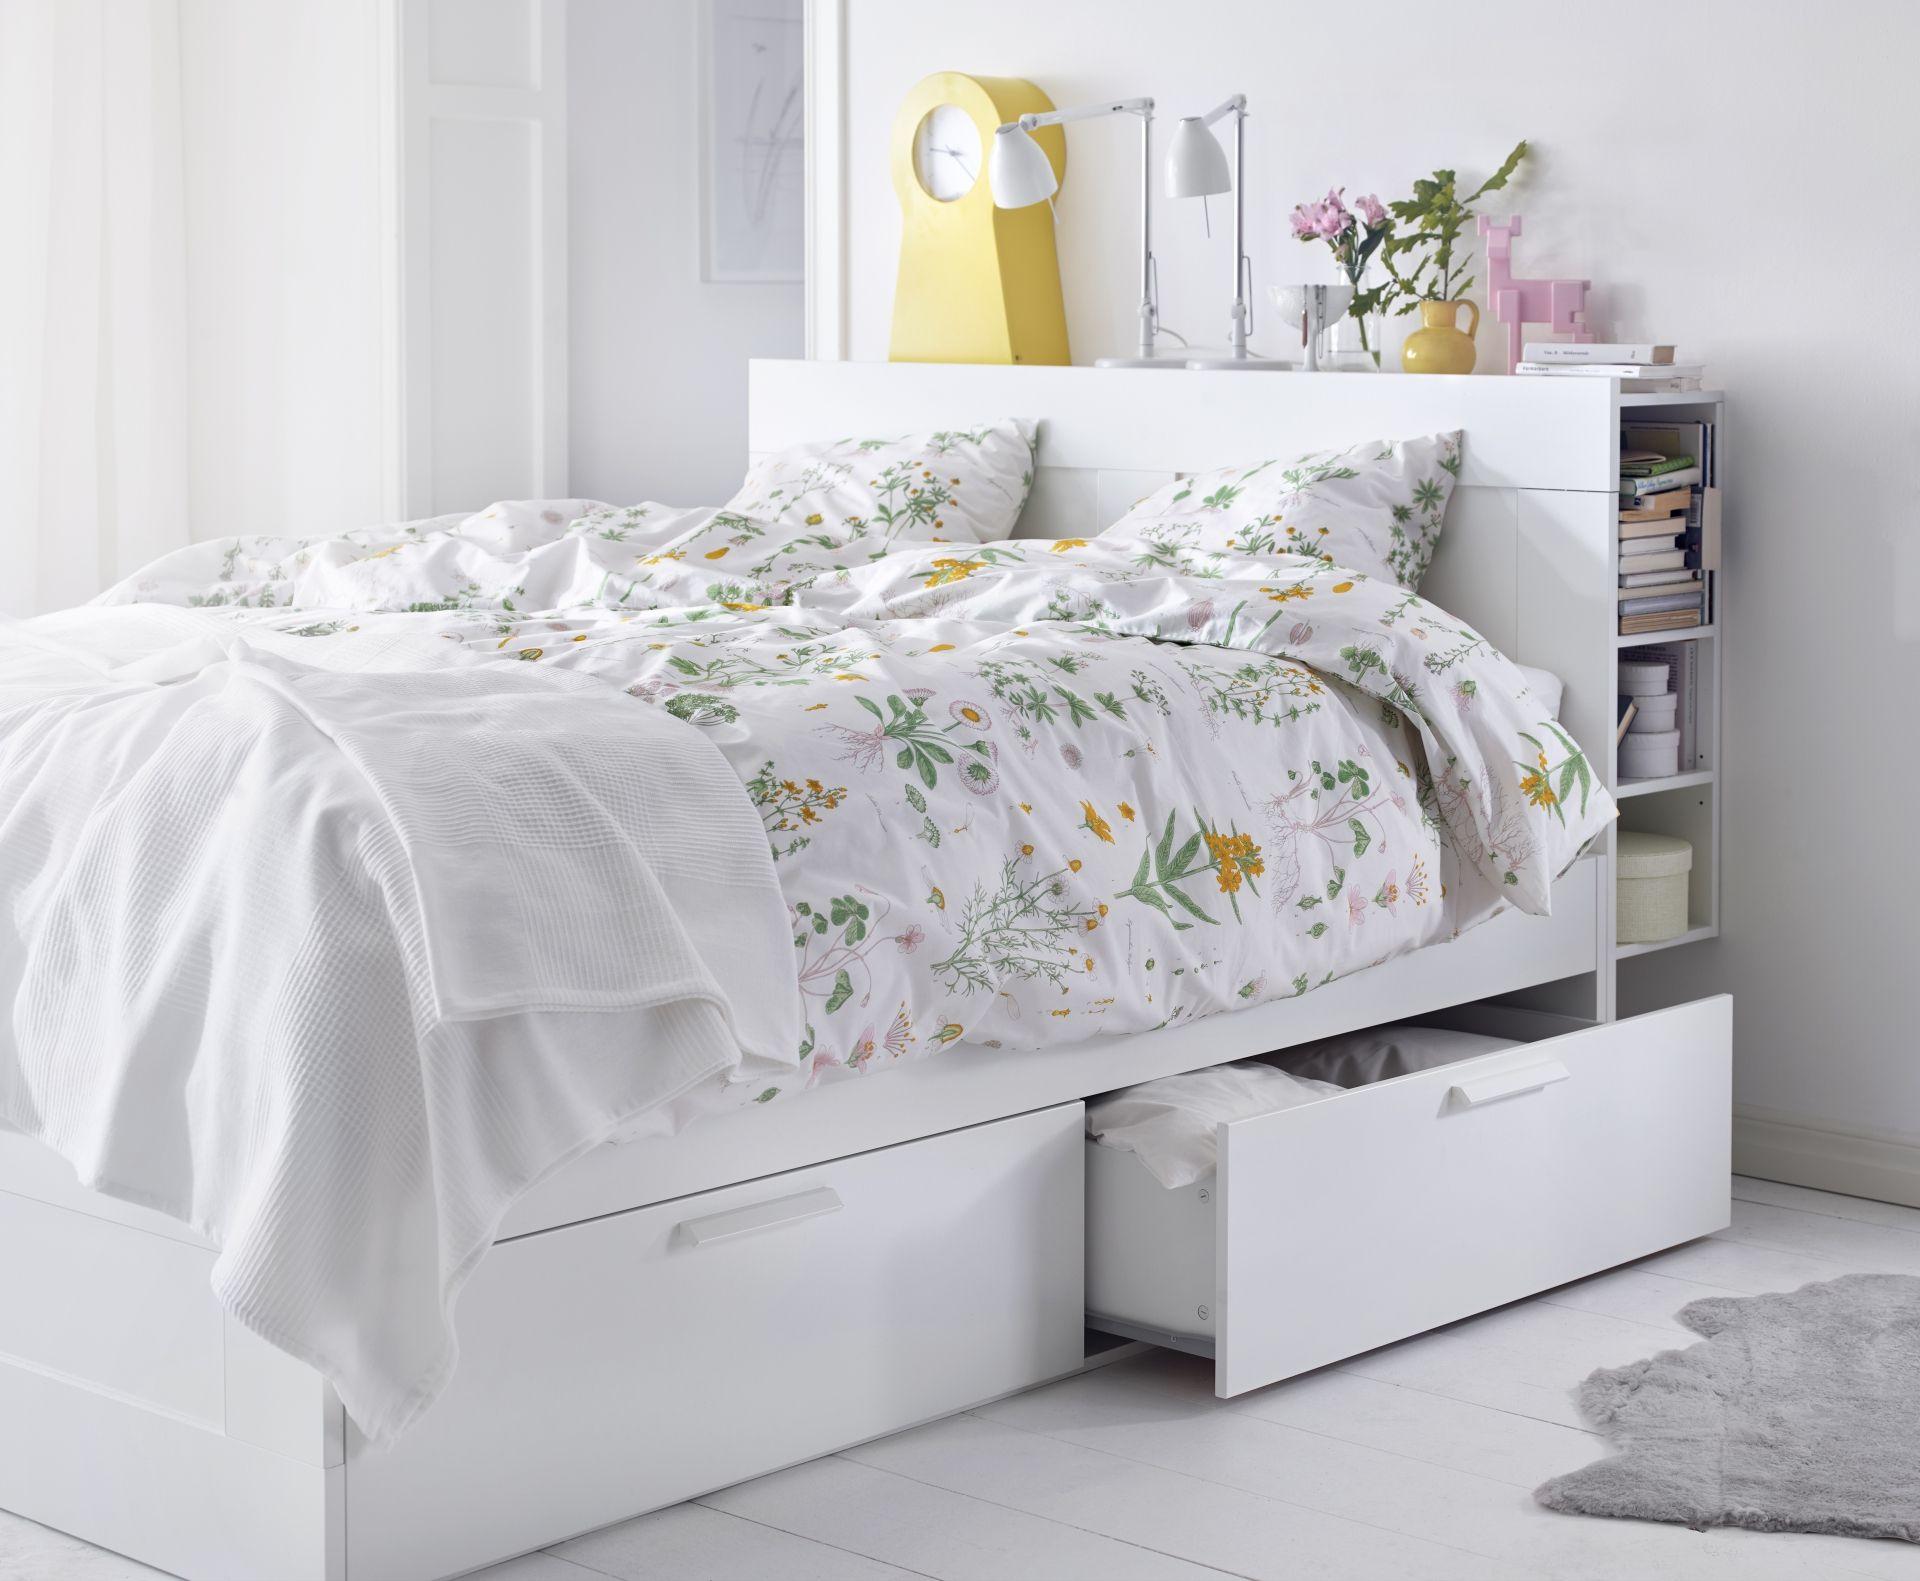 Soluciones Para Decorar Y Organizar Un Dormitorio Peque O  ~ Dormitorios De Matrimonio Pequeños